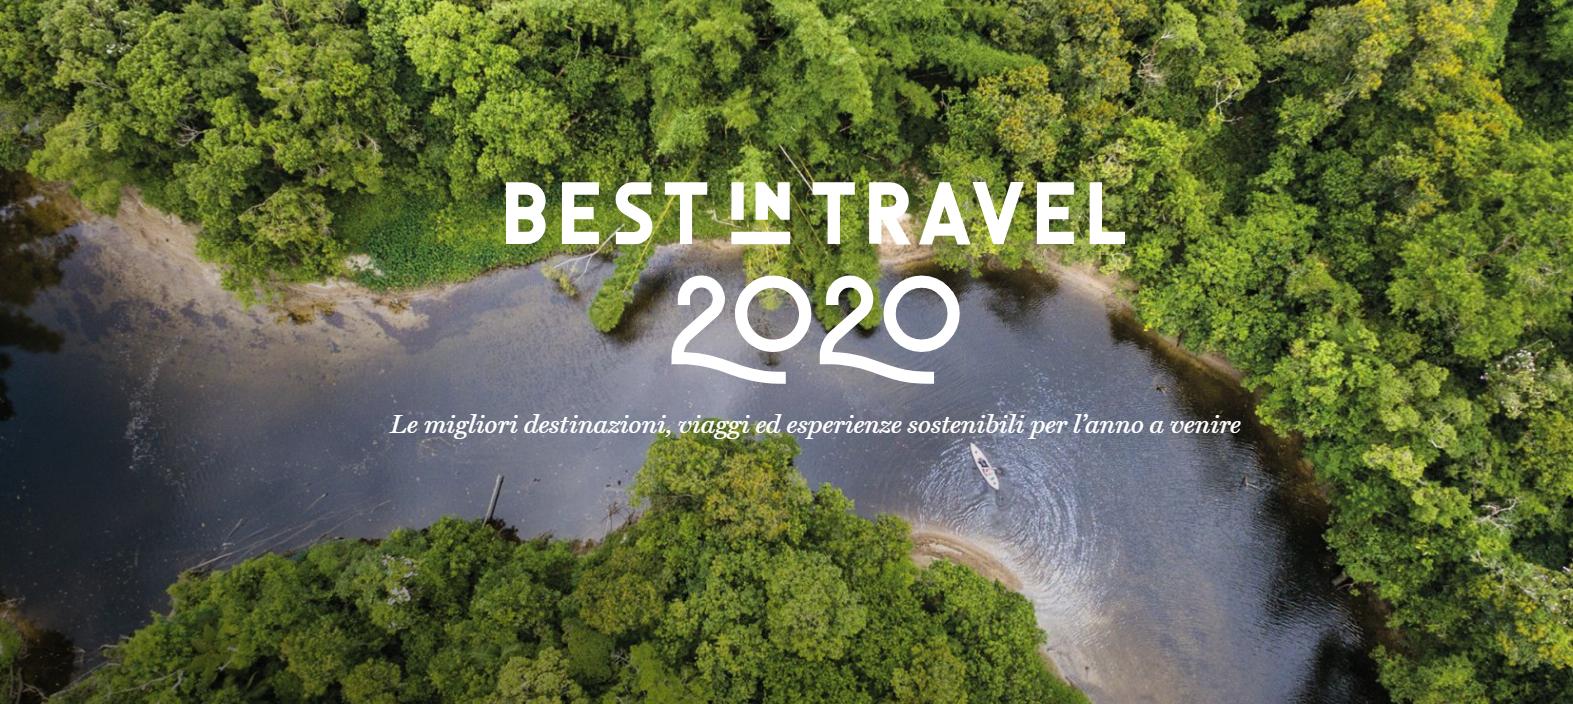 Best in Travel 2020: i consigli di Lonely Planet sui viaggi da fare nel 2020